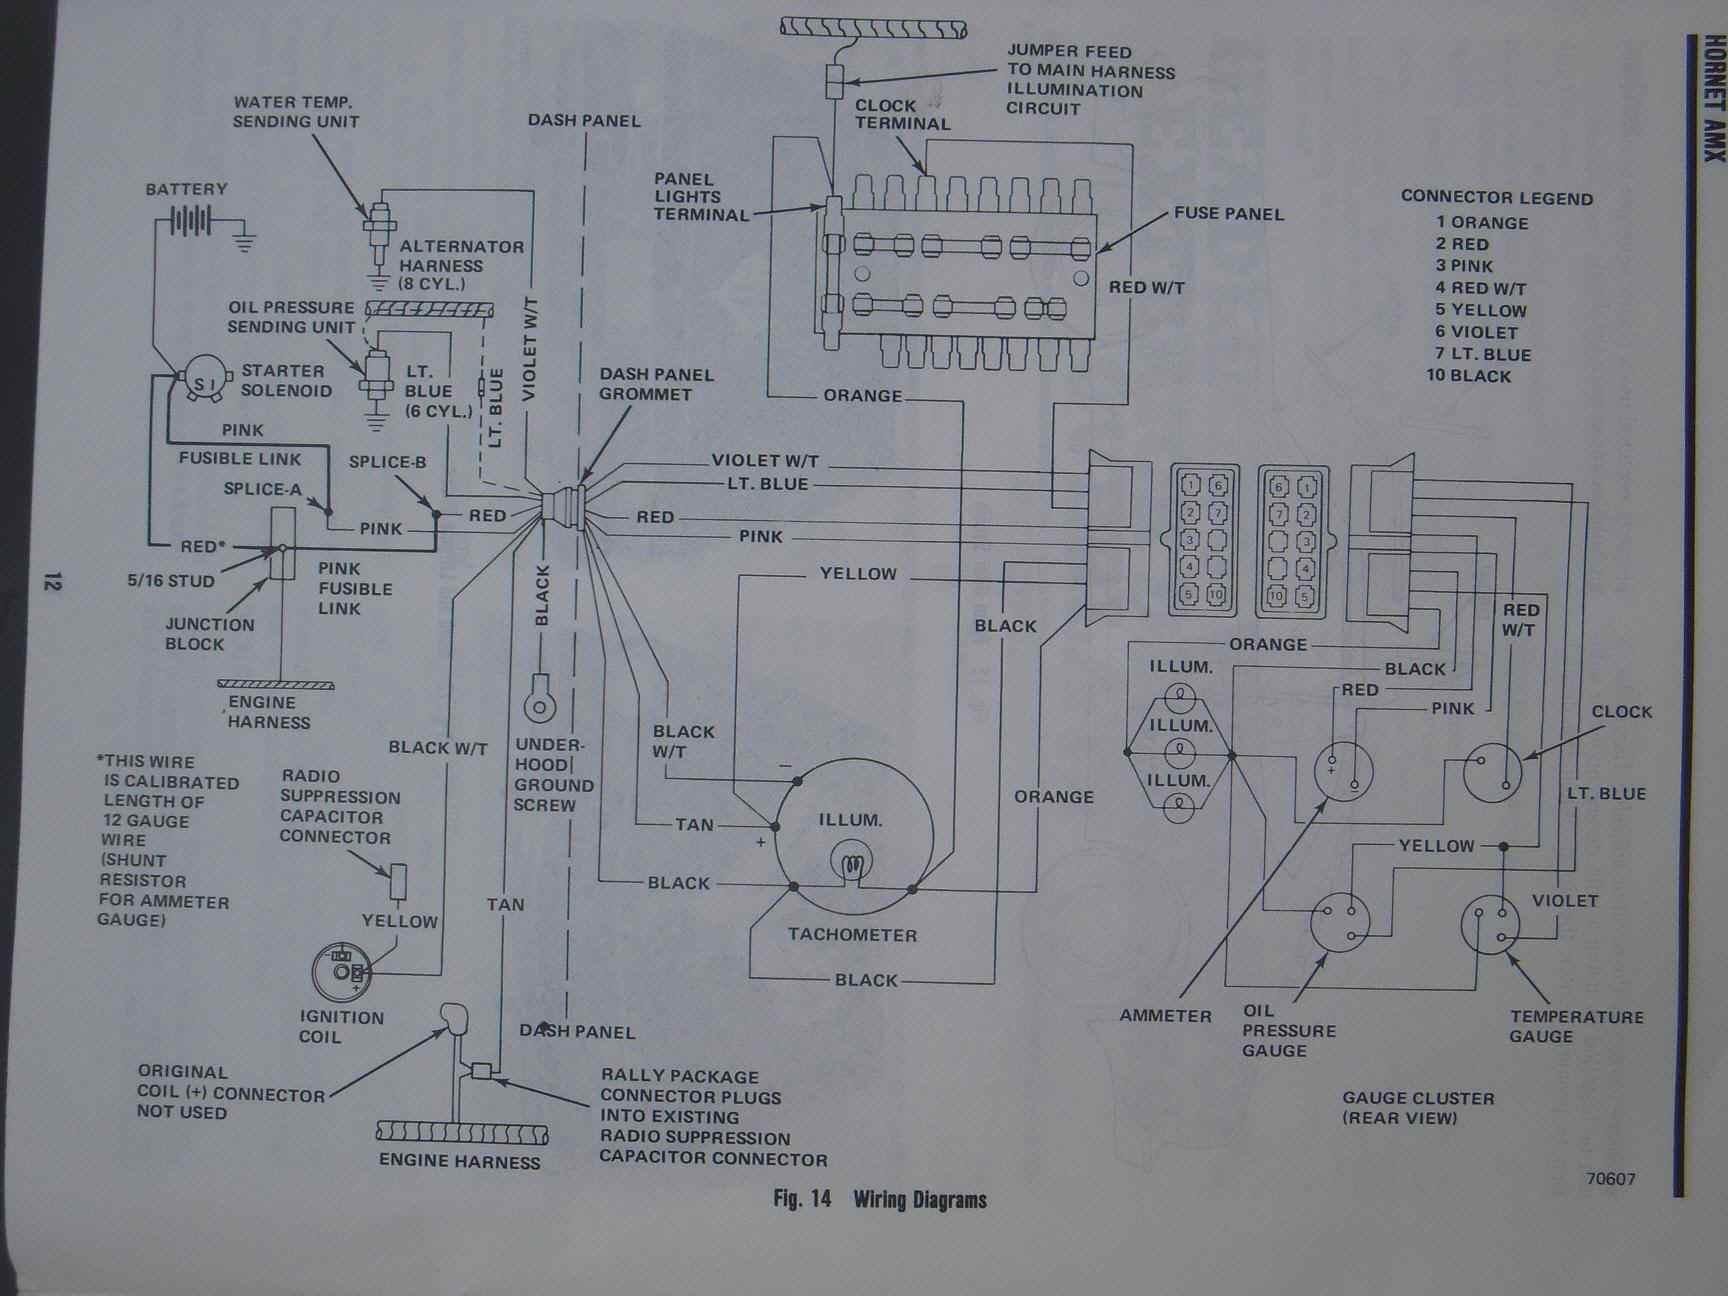 BX_6759] 1973 Amc Hornet Wiring DiagramsHyedi Unpr Tomy Shopa Mohammedshrine Librar Wiring 101